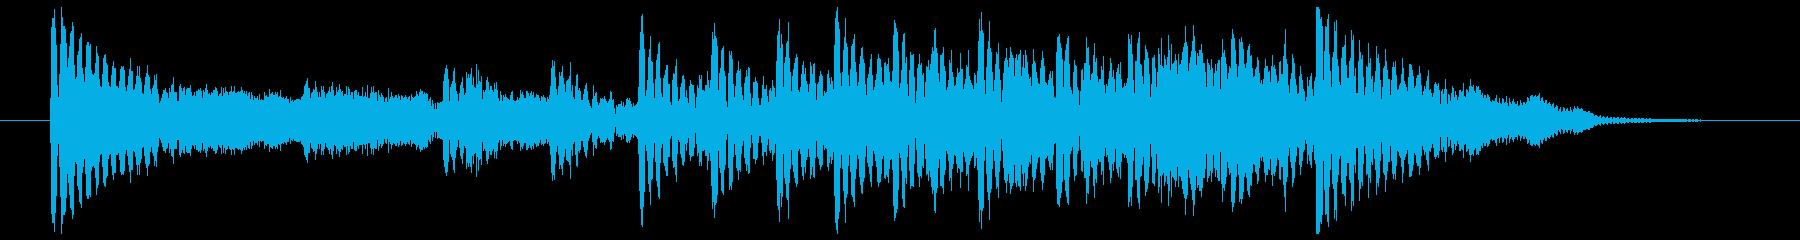 和楽器☆和風ジングル2の再生済みの波形